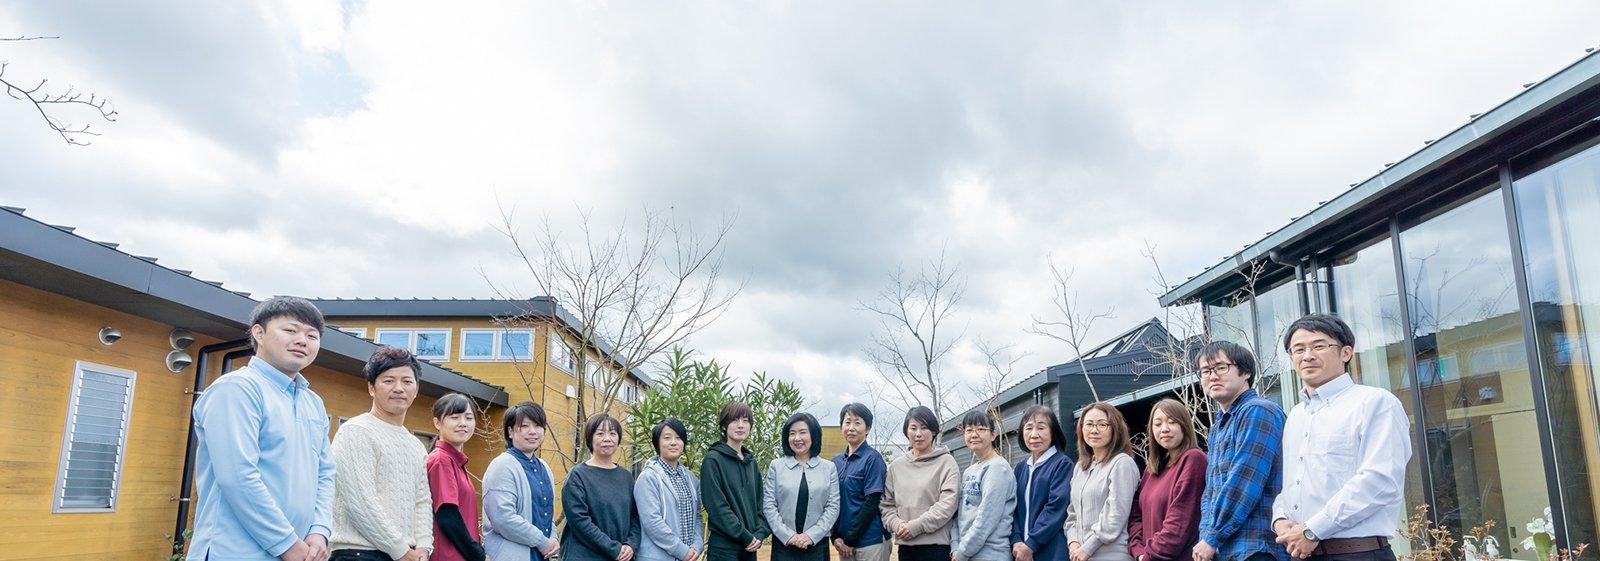 社会福祉法人名張育成会 - ワークプレイス栞/生活支援スタッフ(限定正社員)